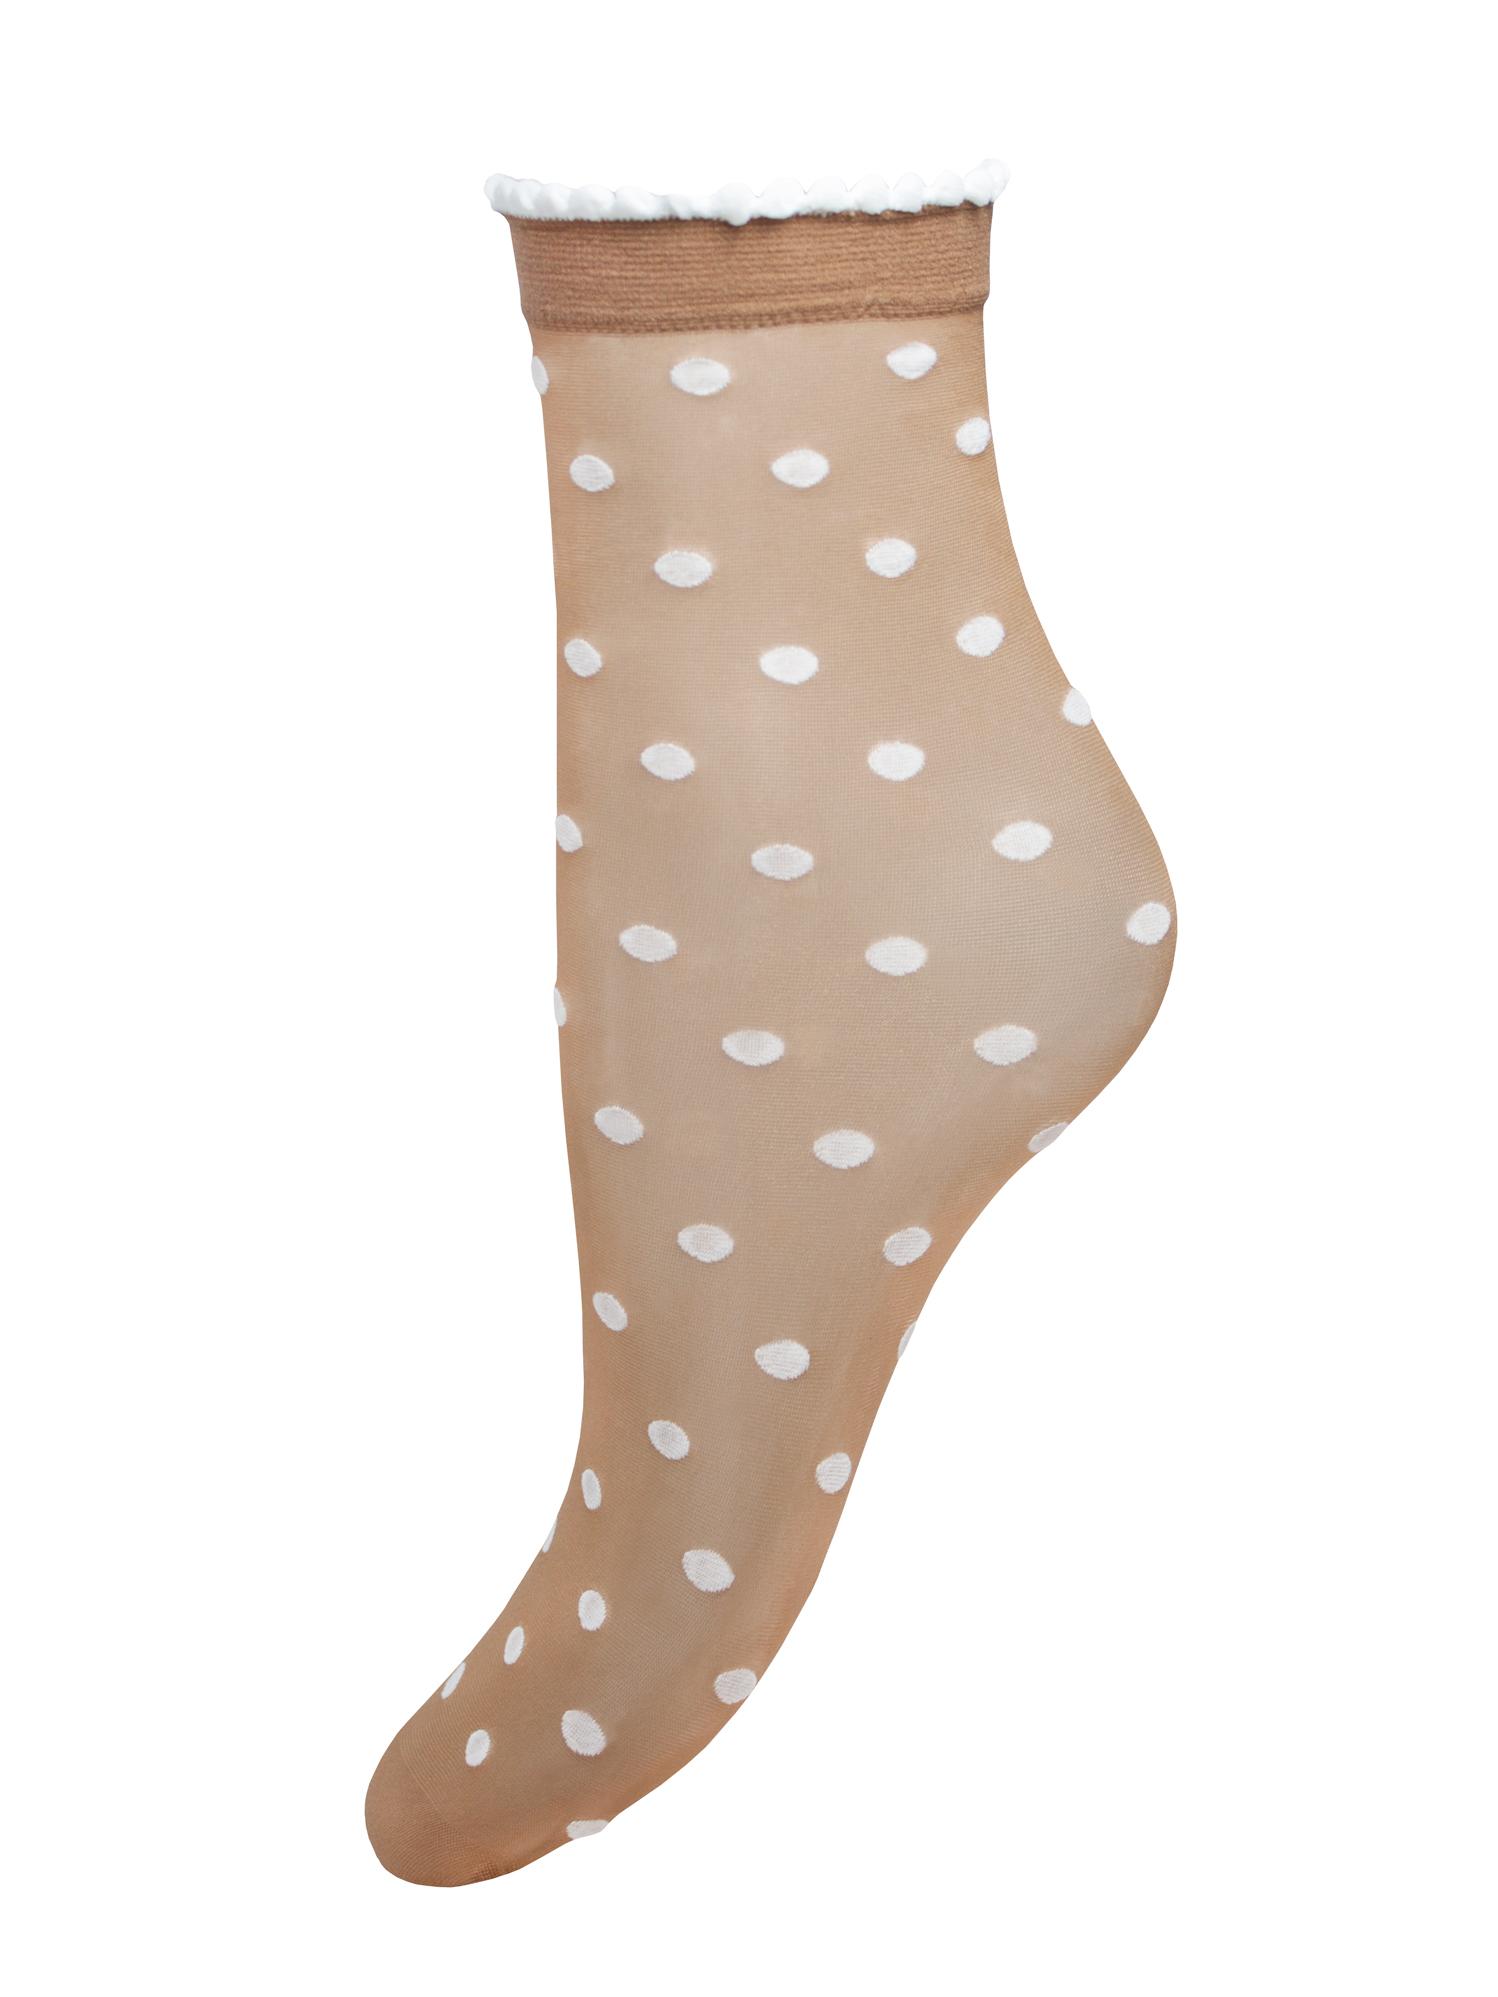 Капроновые носки женские Trasparenze Paul (c) UNI fango A (лёгкий загар с рисунком)